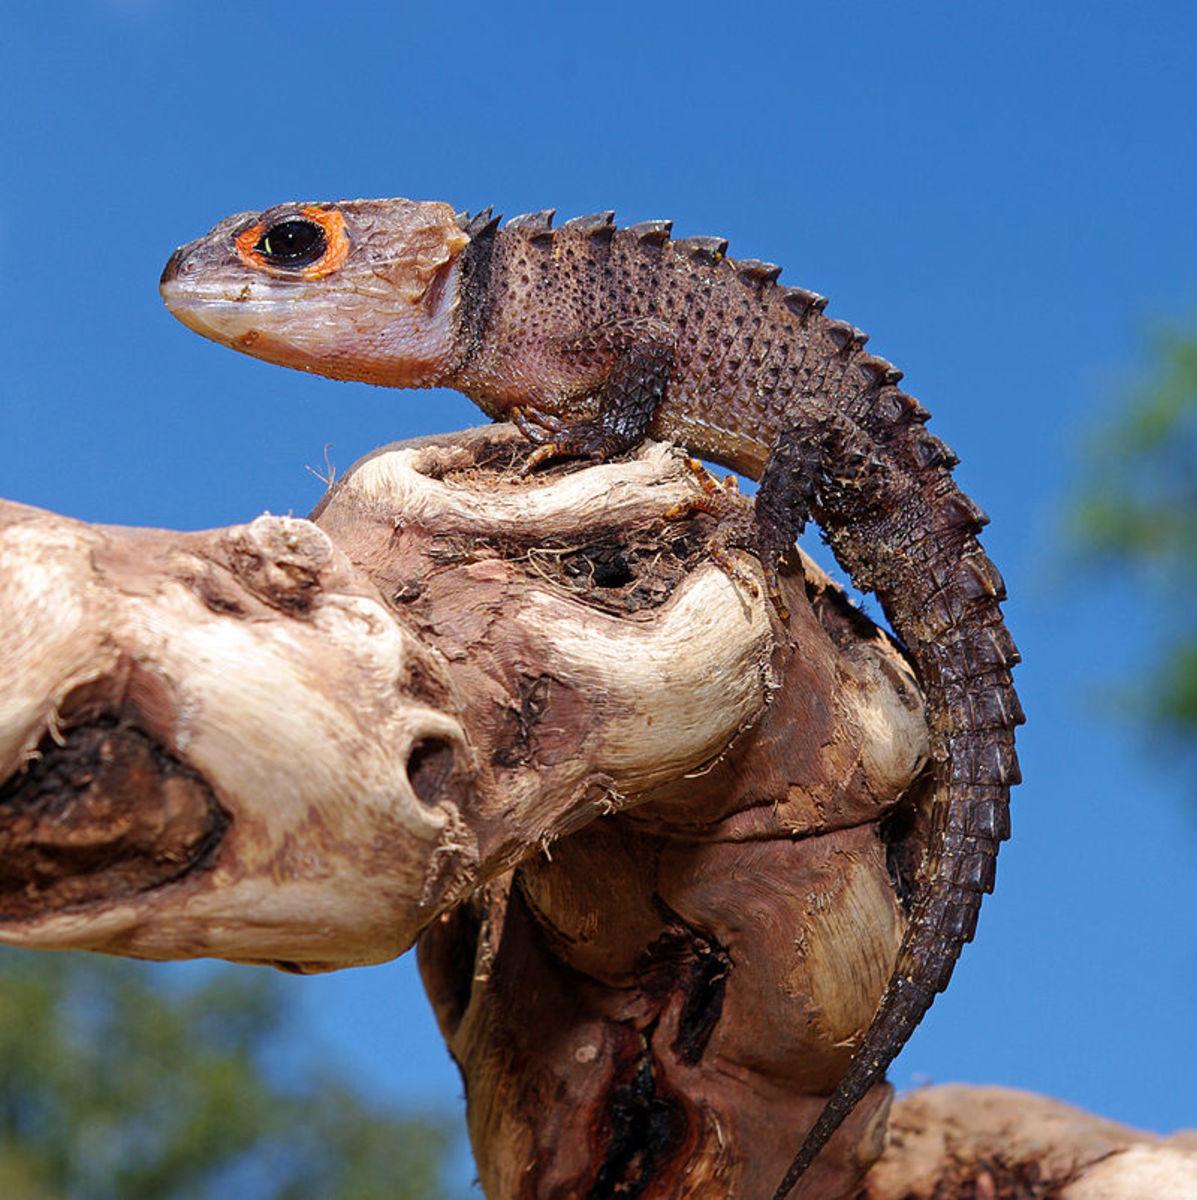 A crocodile skink.